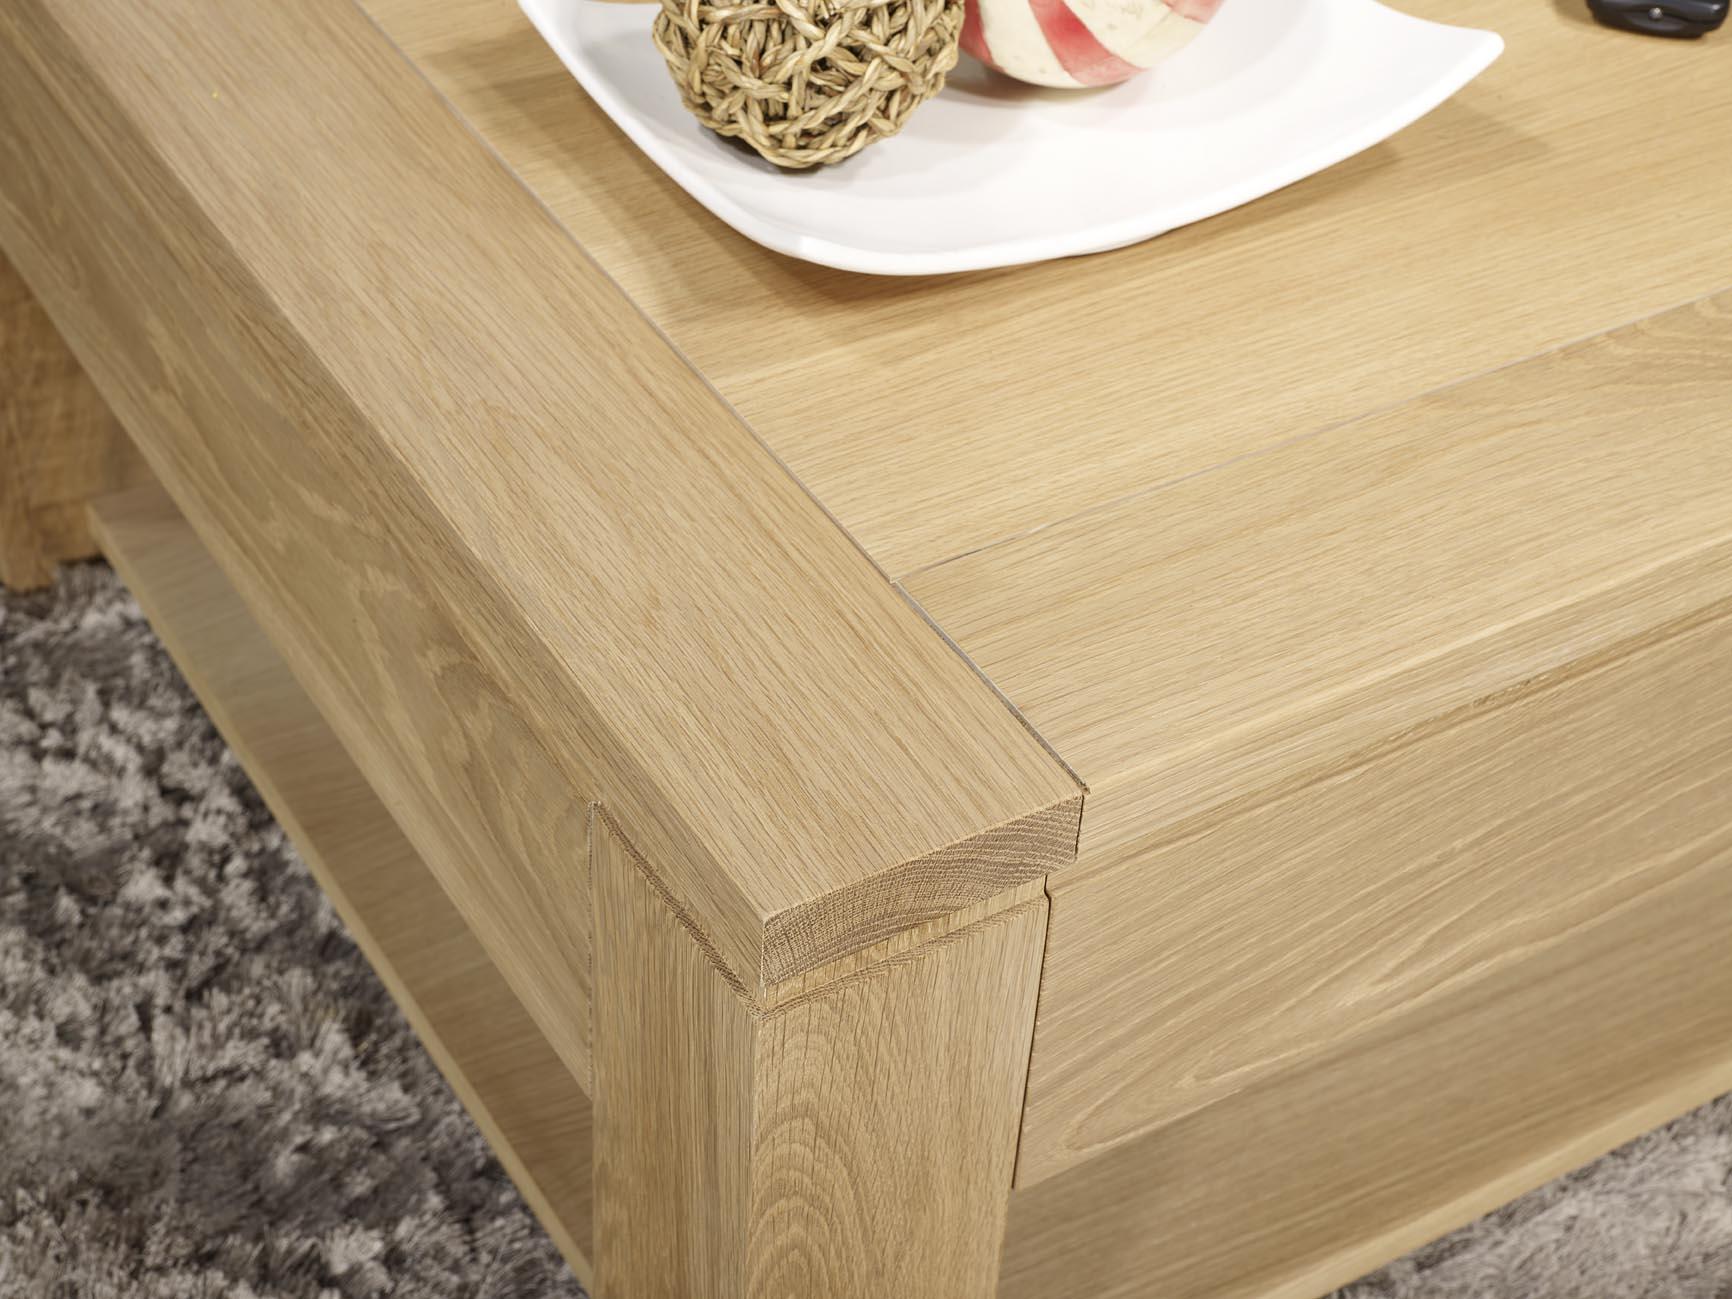 Table En Bois Chene Clair table basse jean-gabriel réalisée en chêne massif ligne contemporaine  finition chêne brossé